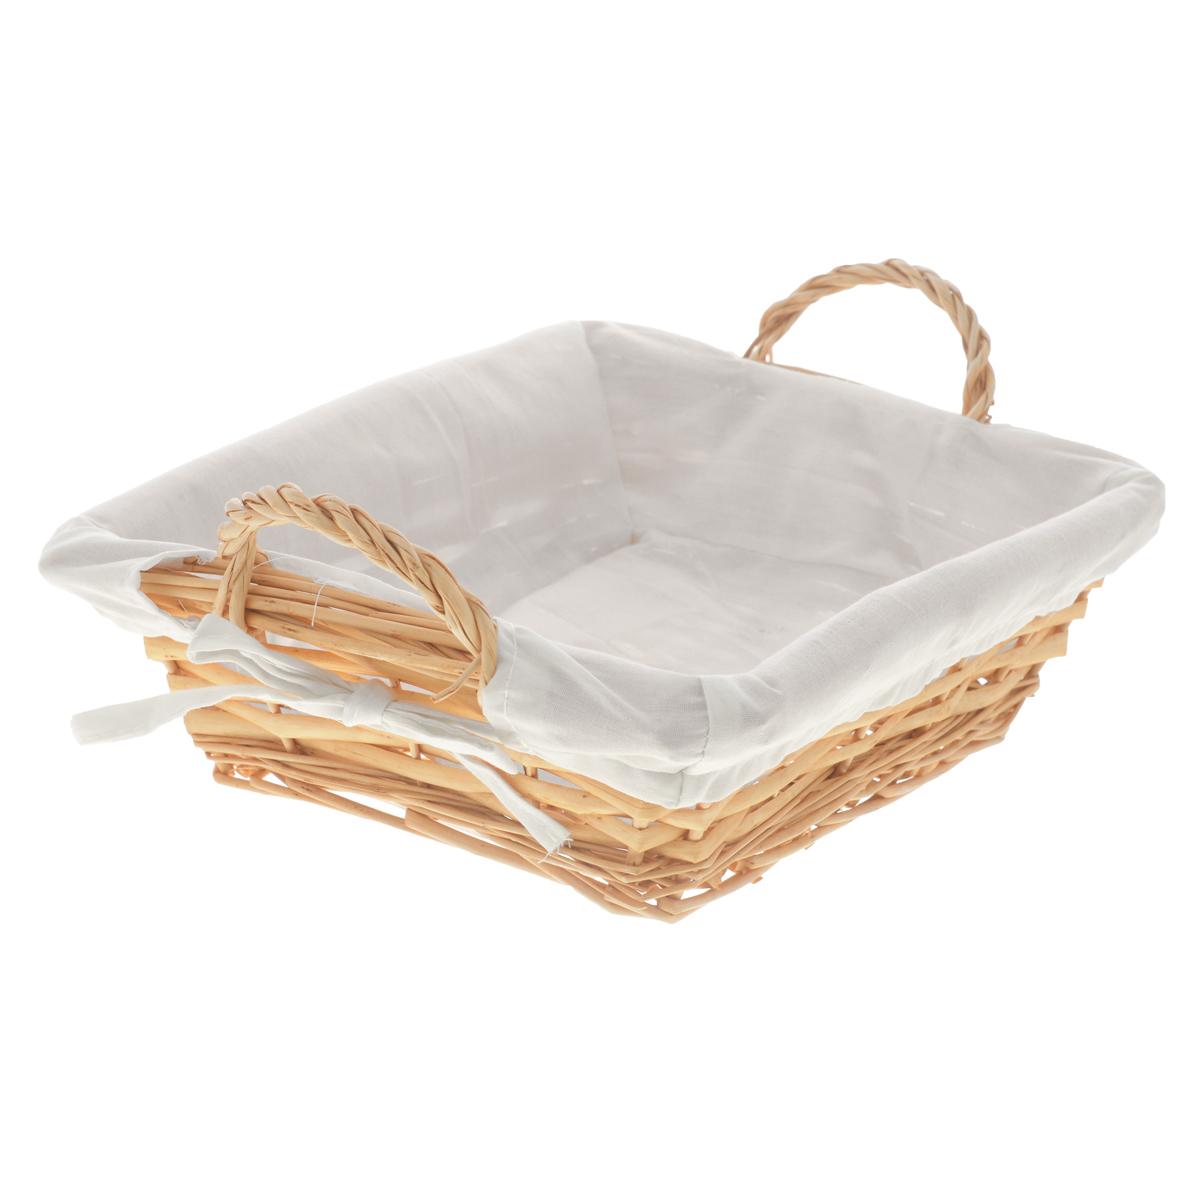 Корзина Kesper, 25 х 22 х 8 см1790-1Прямоугольная корзина Kesper изготовлена из натурального плетеного волокна и декорирована текстилем. Она предназначена для хранения хлеба, а также мелочей дома или на даче. Позволяет хранить мелкие вещи, исключая возможность их потери. Изделие оснащено удобными ручками.Корзина очень вместительная. Элегантный выдержанный дизайн позволяет органично вписаться в ваш интерьер и стать его элементом.Материал: натуральное волокно, текстиль.Размер корзины по верхнему краю (без учета ручек): 25 см х 22 см.Размер корзины по верхнему краю (с учетом ручек): 29 см х 22 см.Высота корзины (без учета ручек): 8 см.